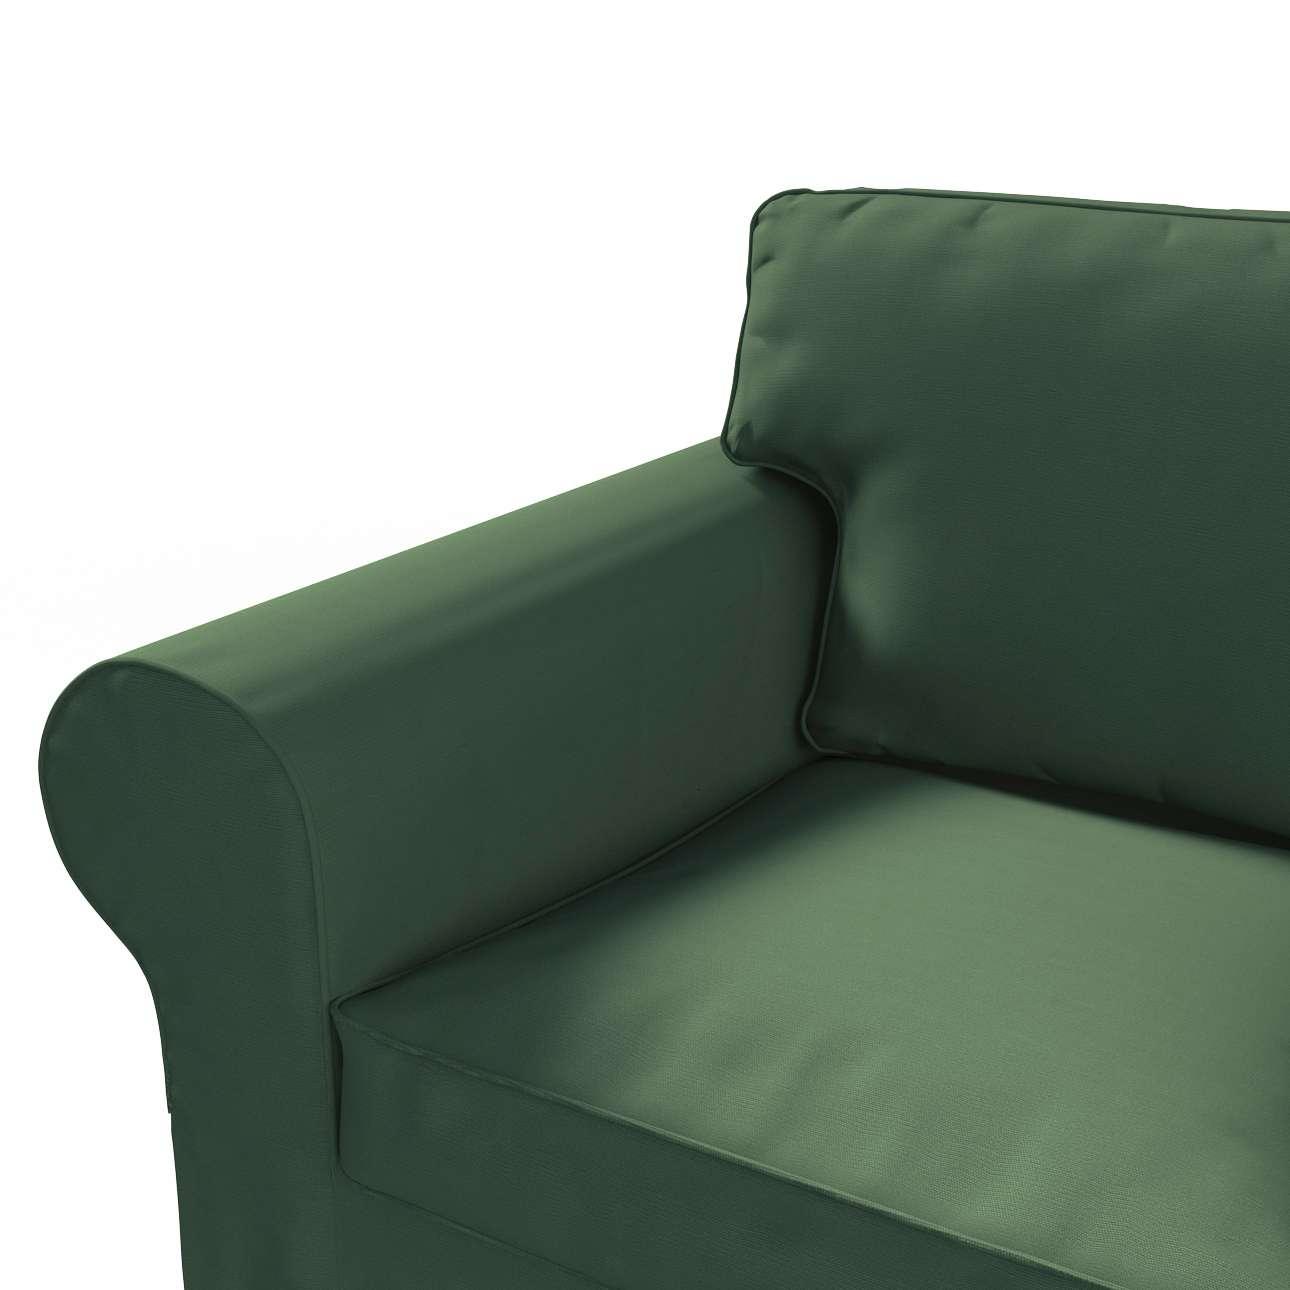 Pokrowiec na sofę Ektorp 2-osobową, rozkładaną STARY MODEL Sofa Ektorp 2-osobowa rozkładana w kolekcji Cotton Panama, tkanina: 702-06